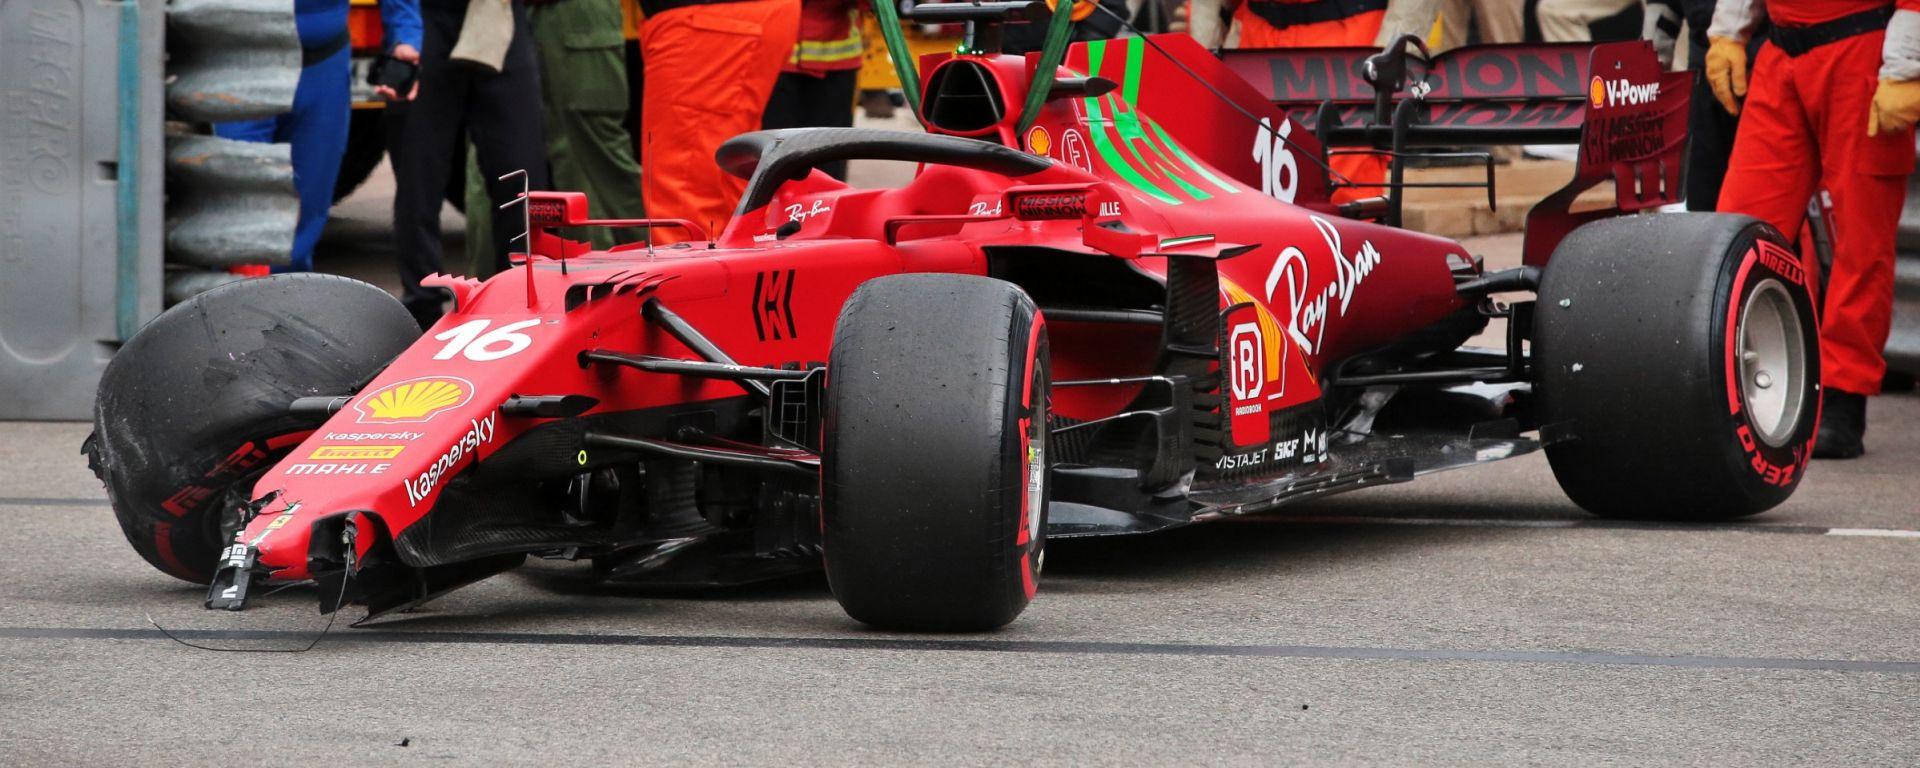 F1, GP Monaco 2021: i rottami della Ferrari di Charles Leclerc